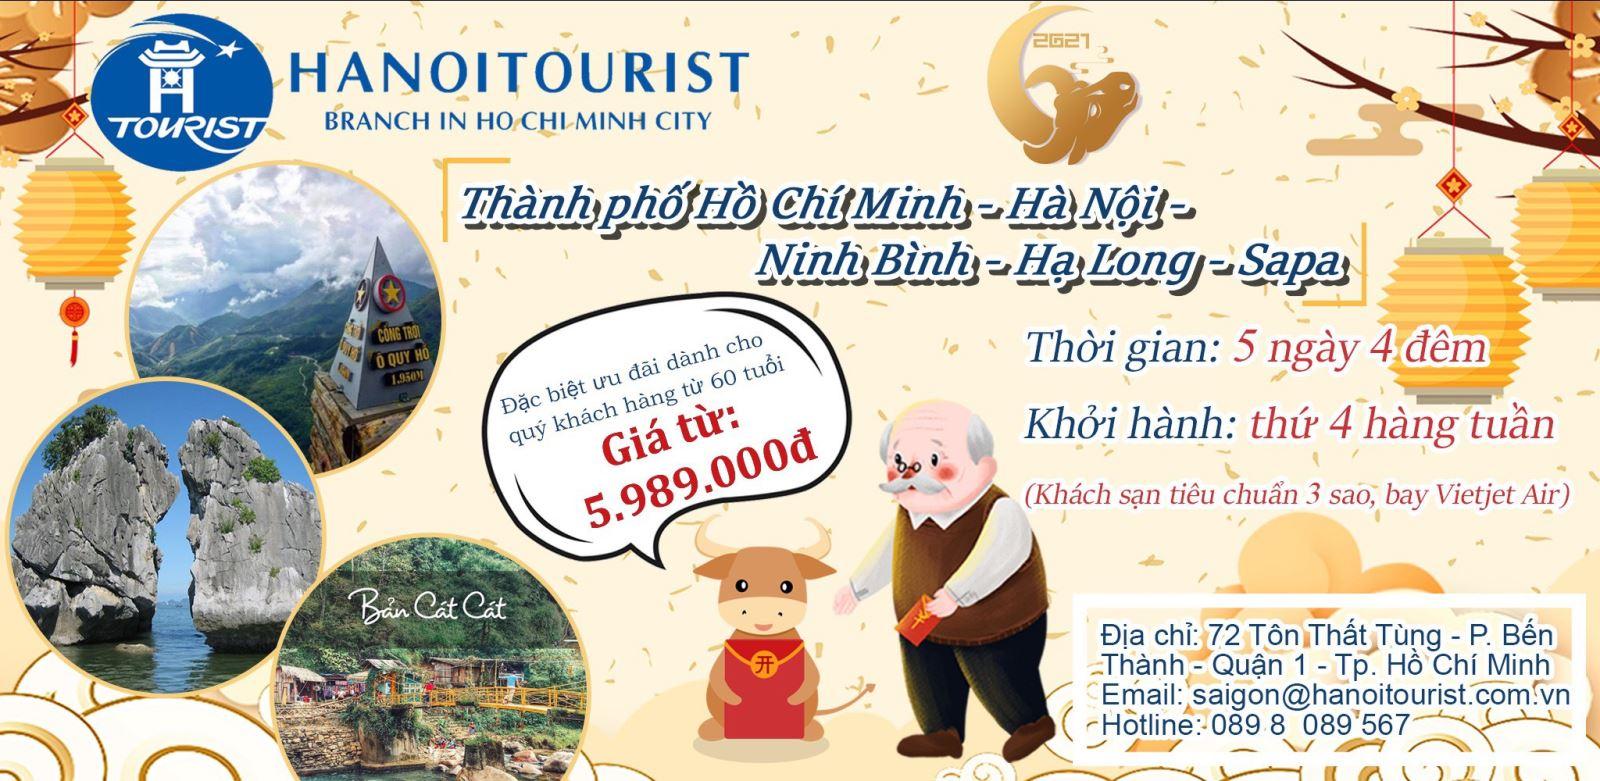 Tour Du Xuân:  Sài Gòn- Hà Nội - Lào Cai- Sapa - Ninh Bình - Hạ Long ( 5N)